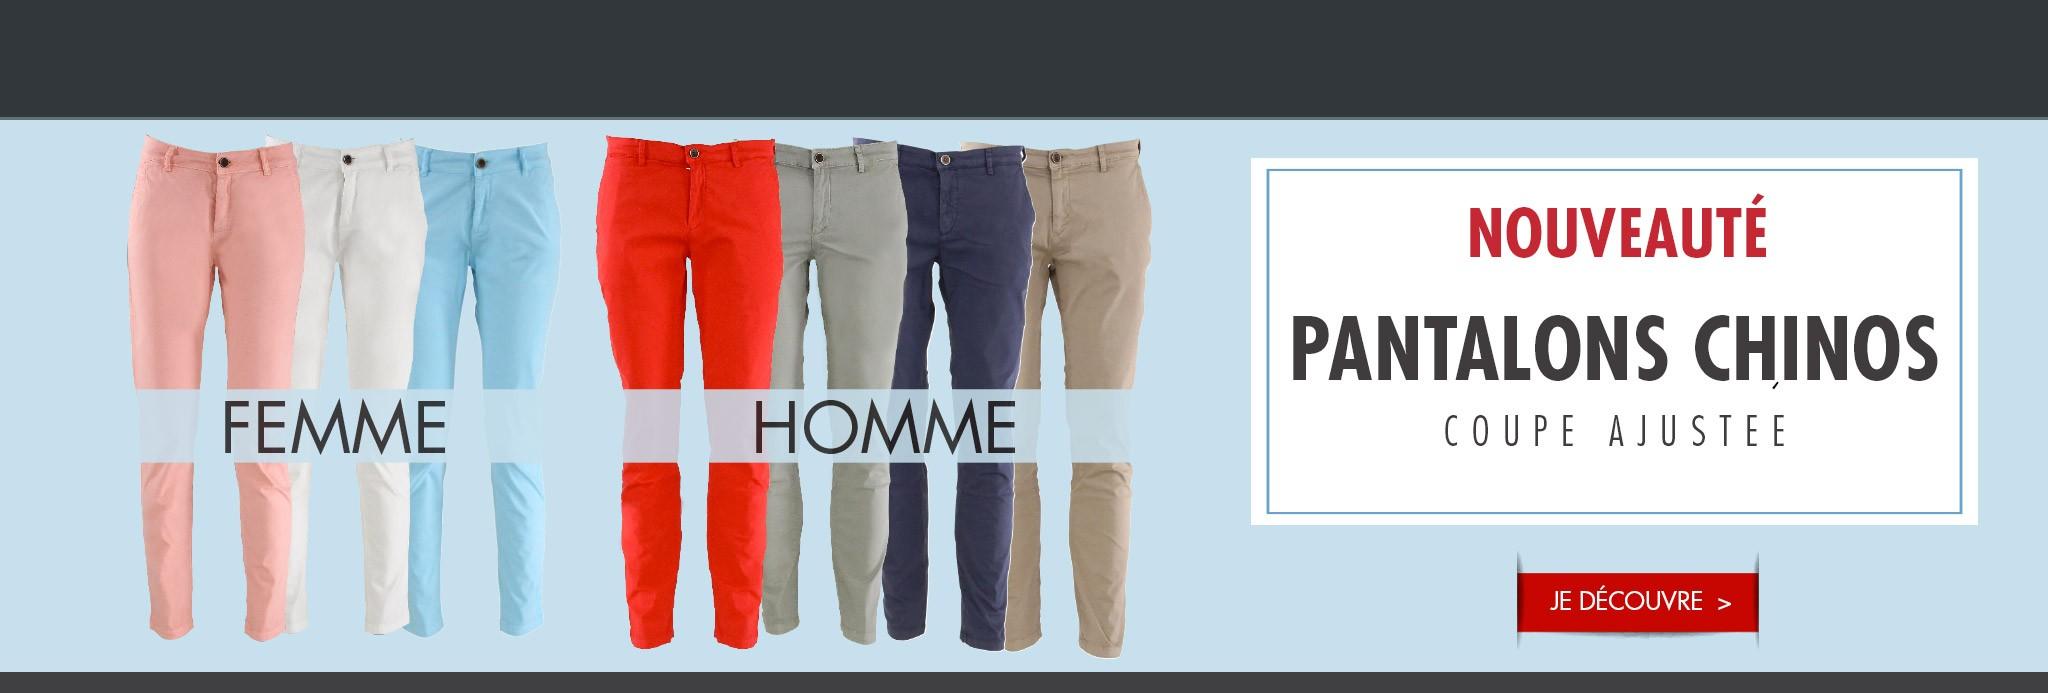 Découvrez les nouveaux pantalons Chinos Green's, légers et colorés pour la saison de golf !